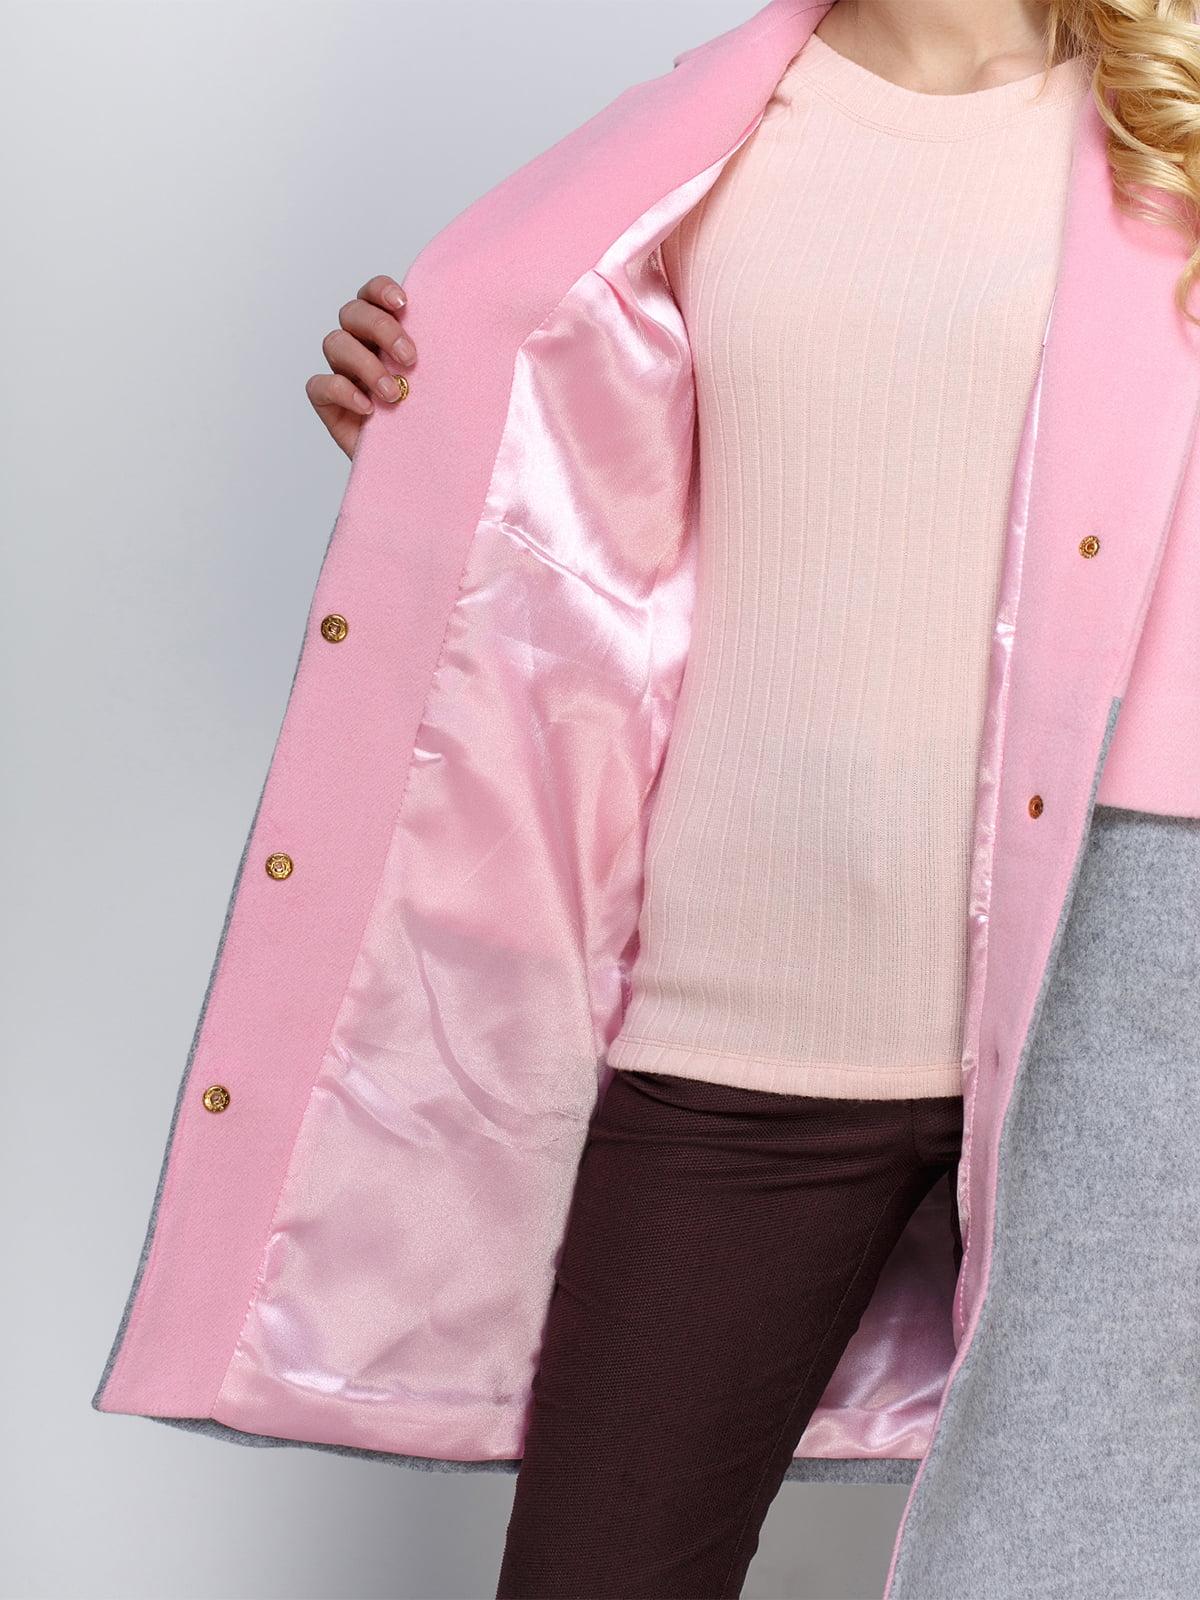 Пальто розово-серое   2194307   фото 4